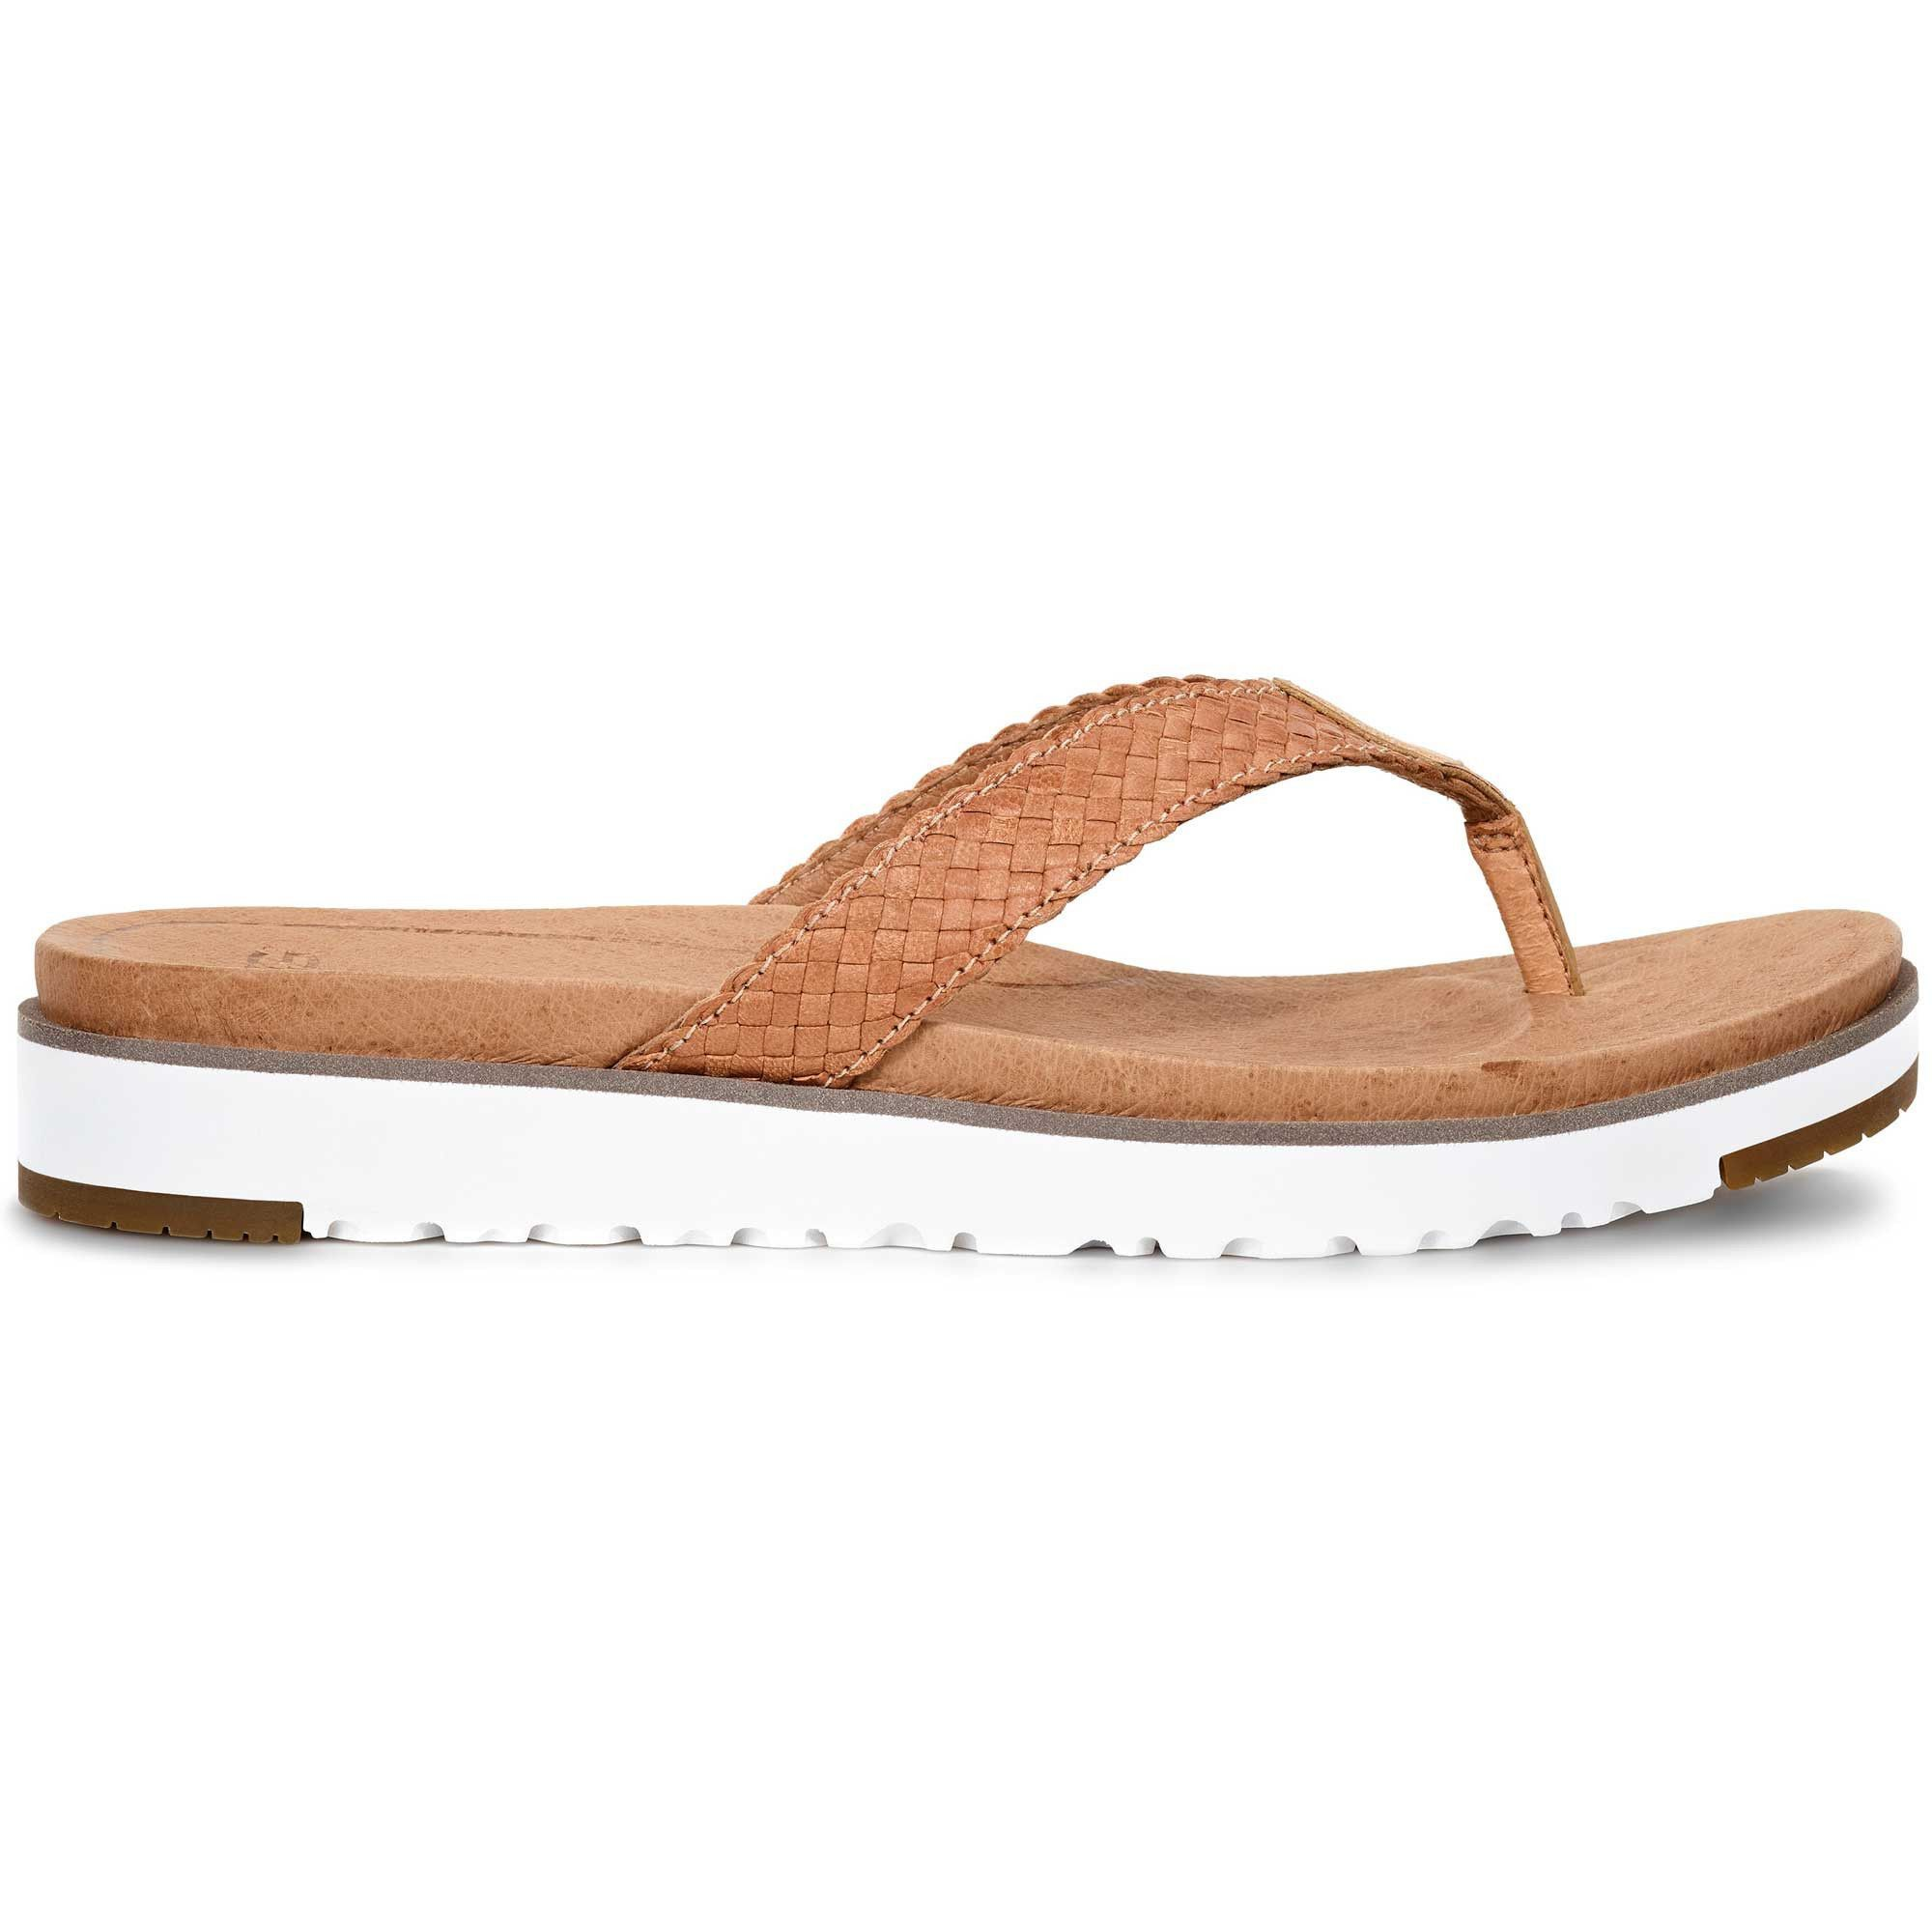 153f0347f80 UGG Women s Lorrie Sandal